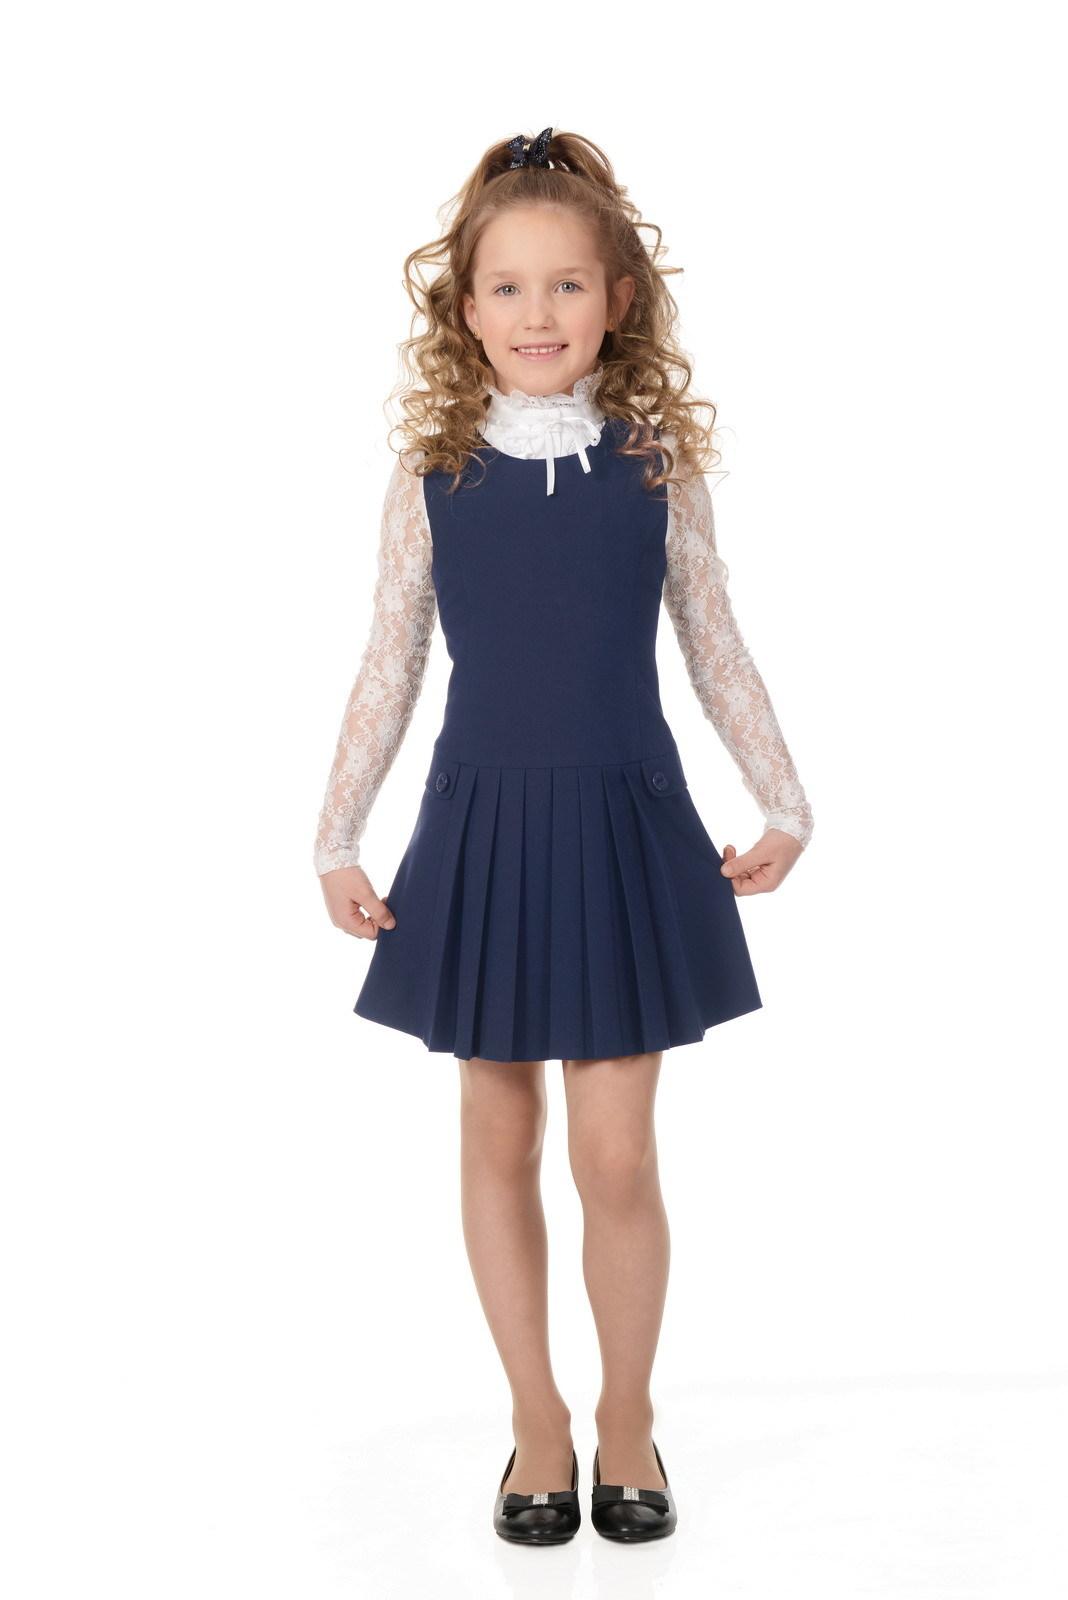 Купить Сарафан для девочек SkyLake ШФ-866 Верона цв. синий, р. 28/128, Сарафаны для девочек